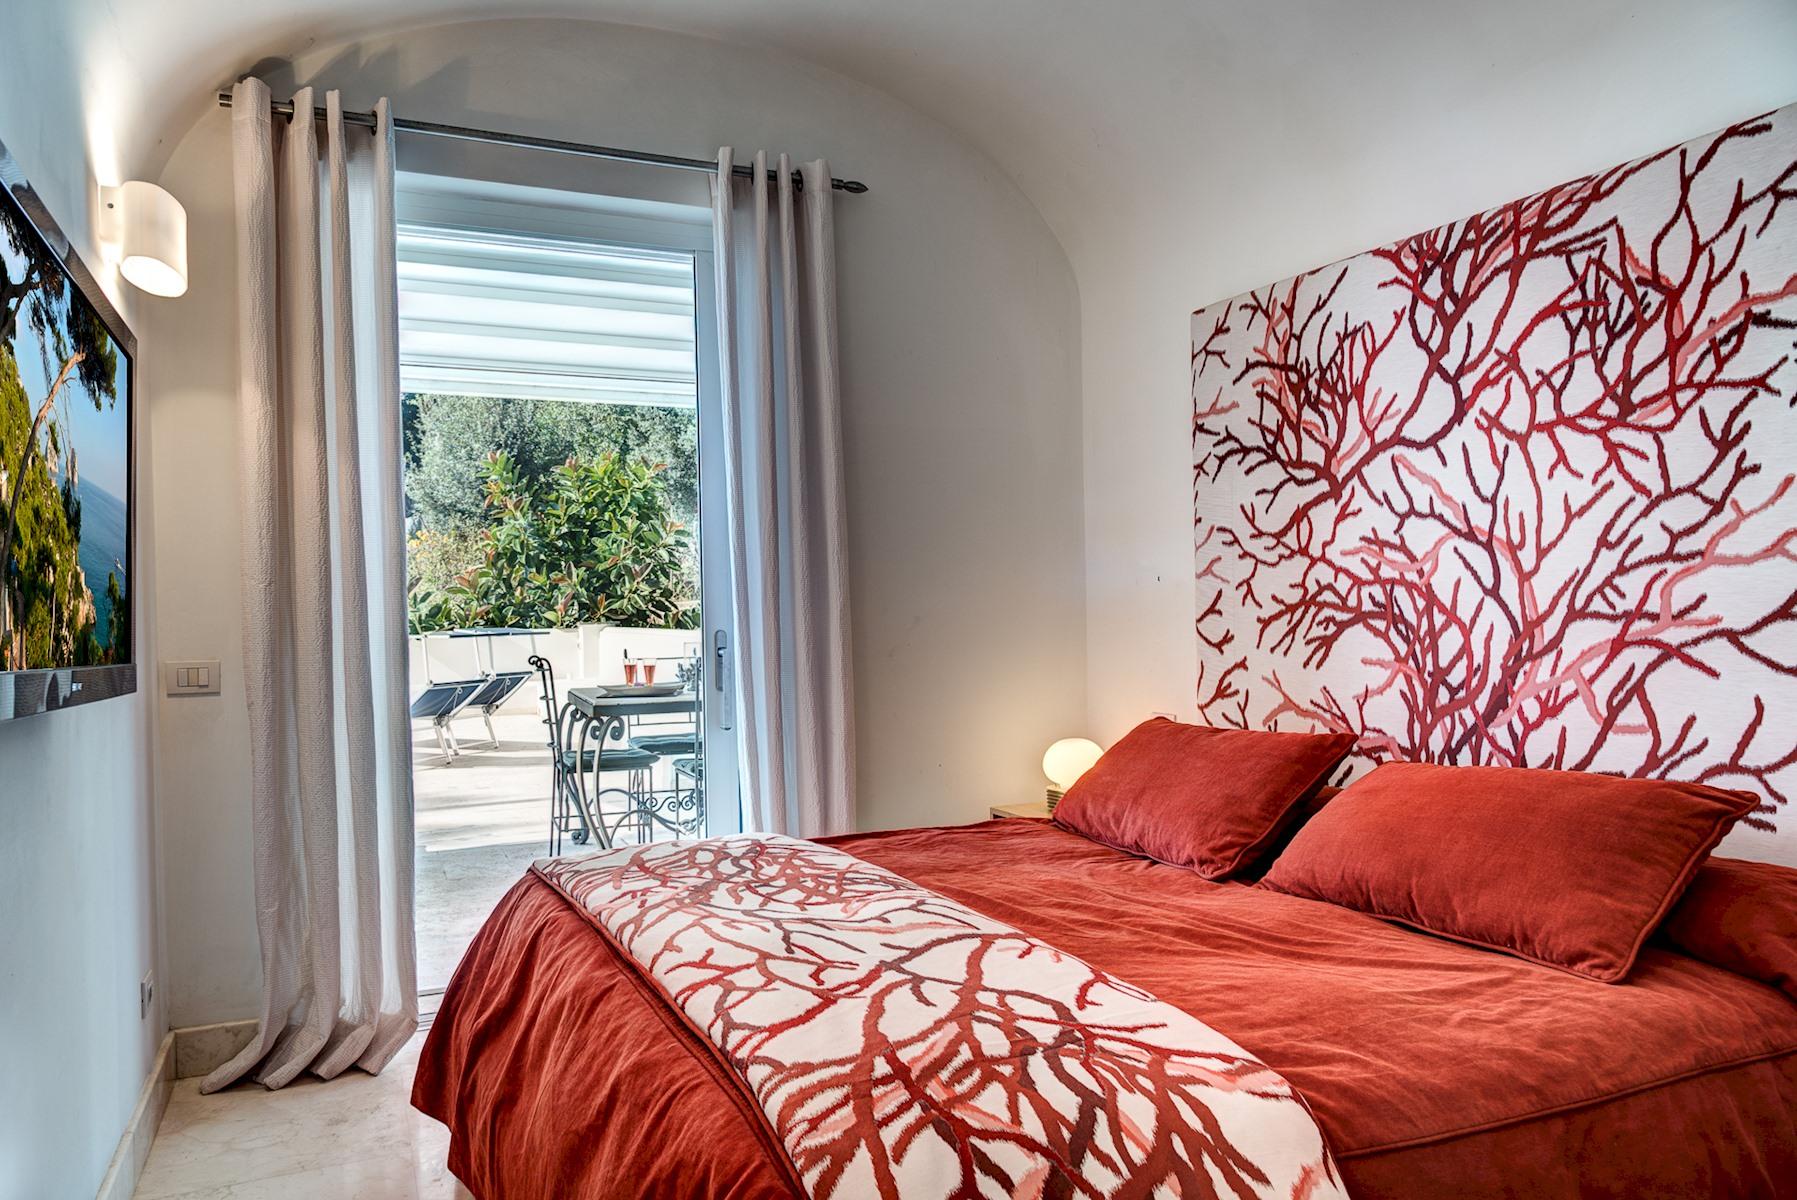 Apartment Villa Bougainvillea - Luxury Capri Villa with Views photo 19306922